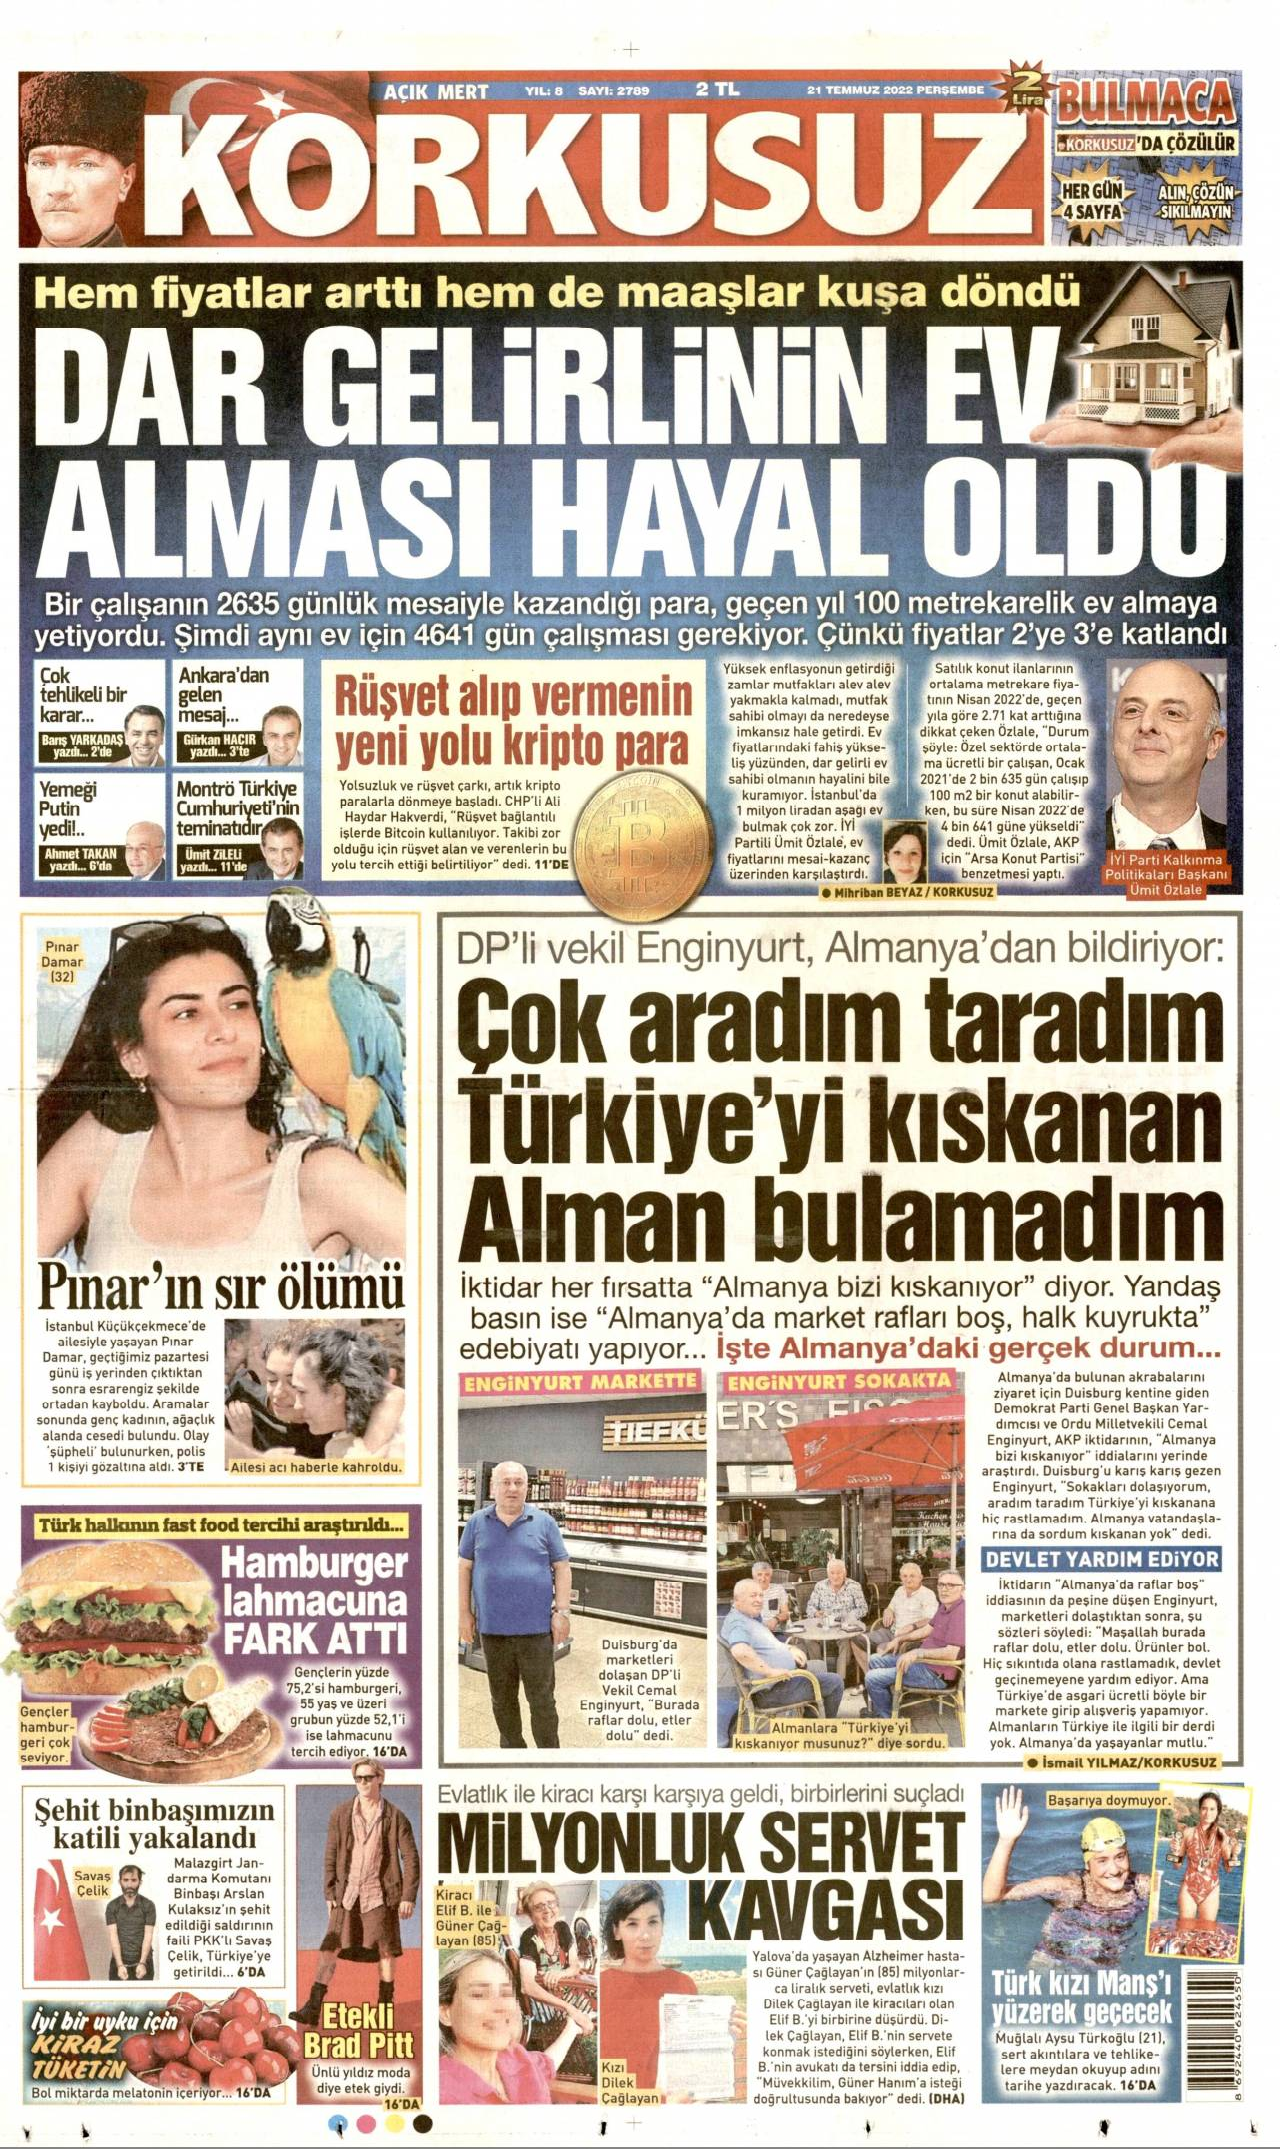 24.06.2017 tarihli Korkusuz gazetesinin 1. sayfası